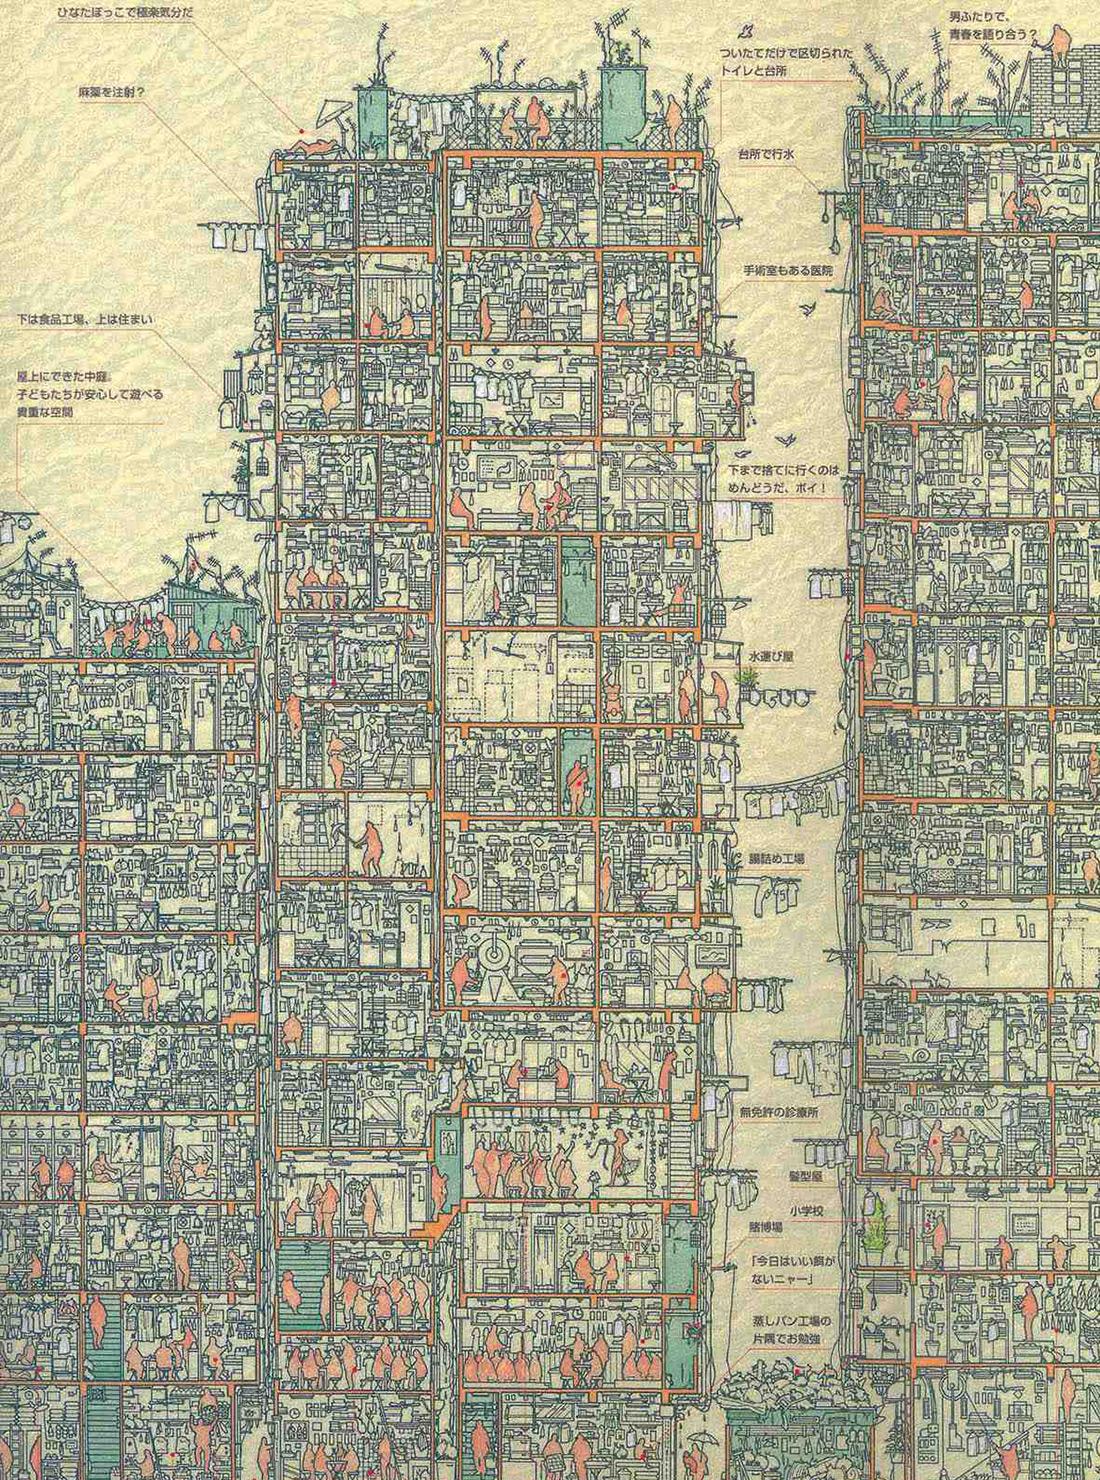 Kowloon Walled City - Hong Kong